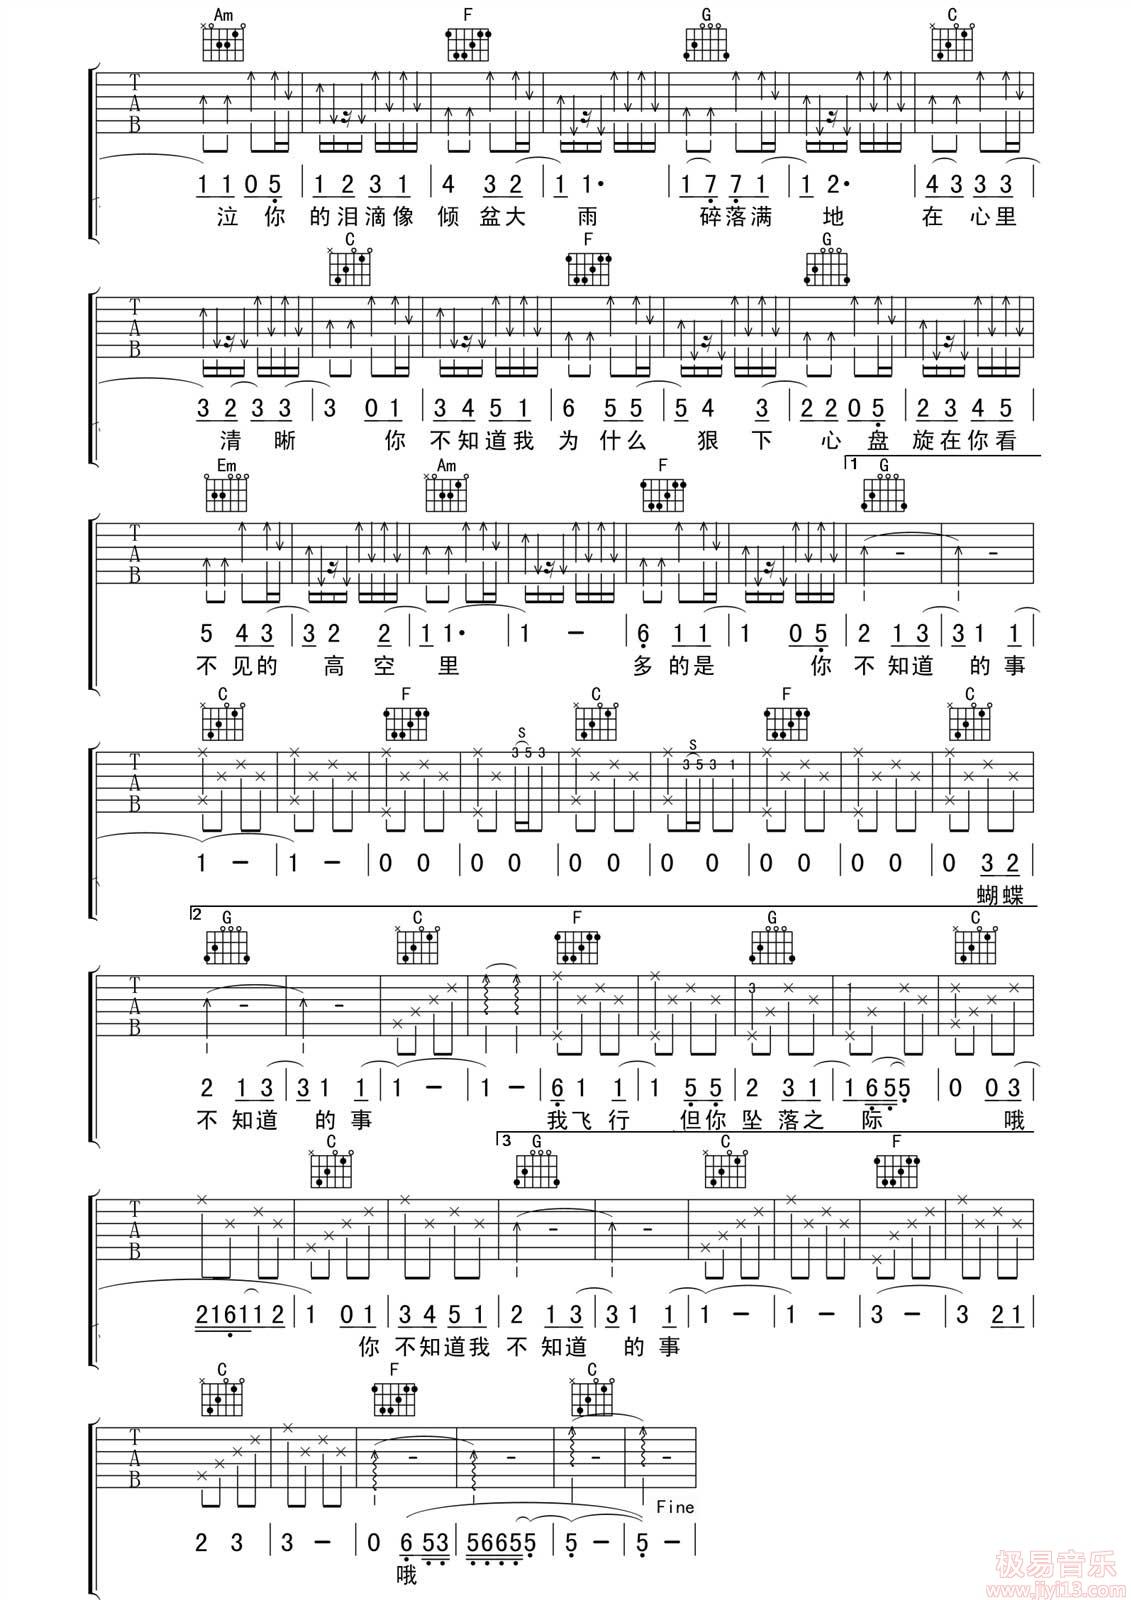 王力宏《你不知道的事》高清吉他弹唱谱C调完美版原版编配+视频教学